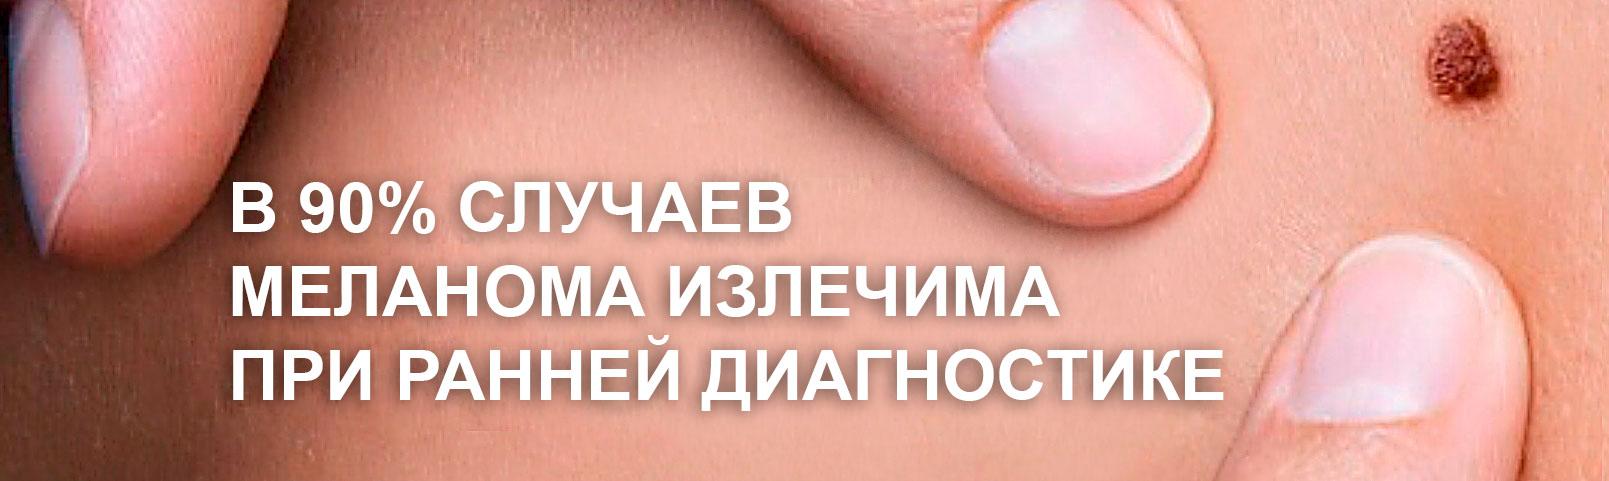 В 90% случаев меланома излечима при ранней диагностике